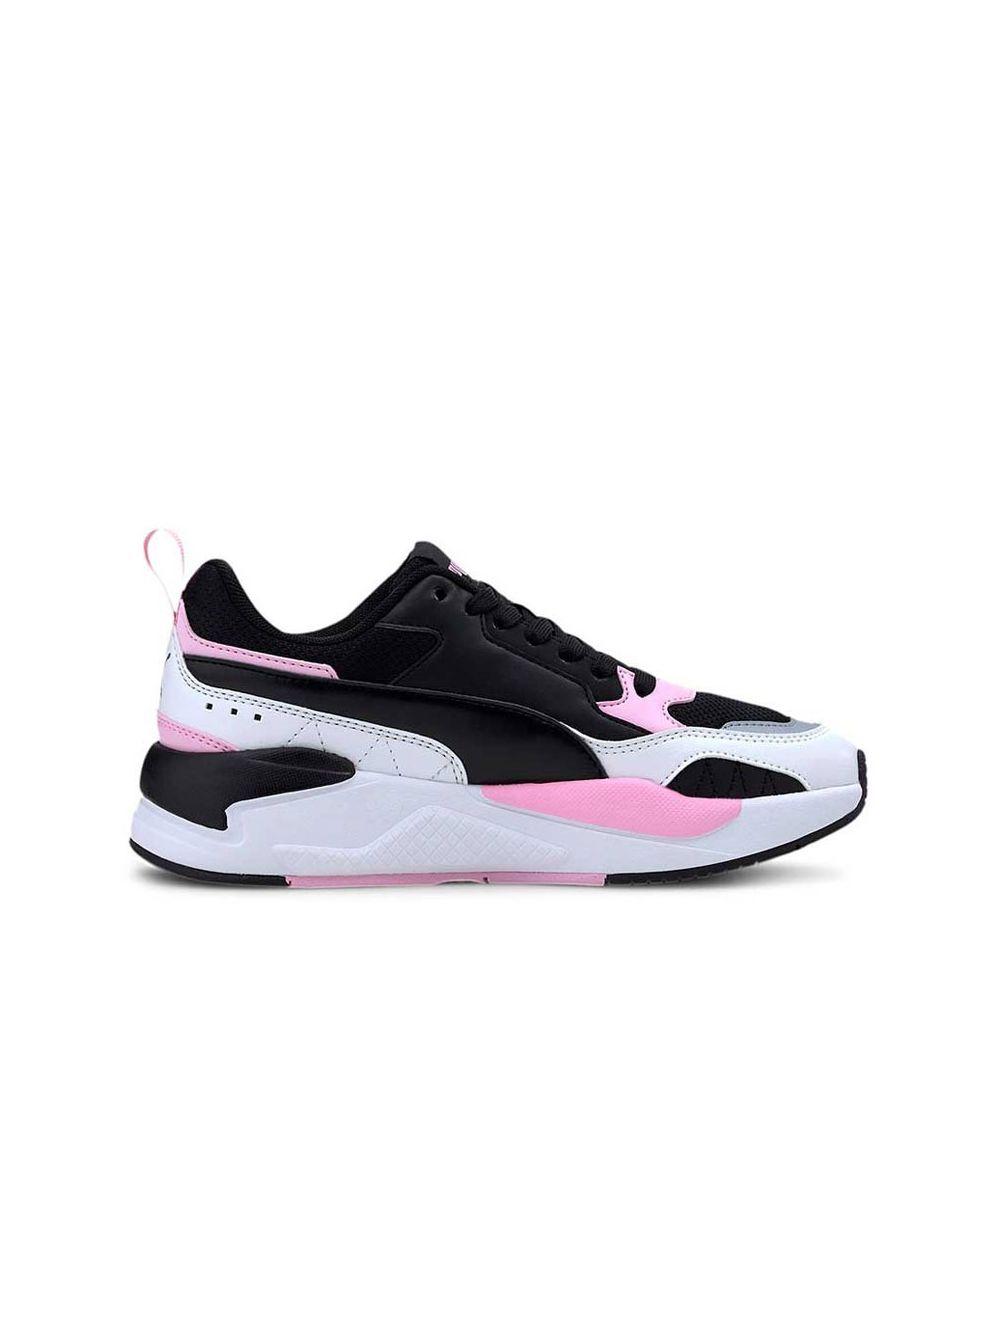 Puma X Ray 2 Square Junior Sneaker